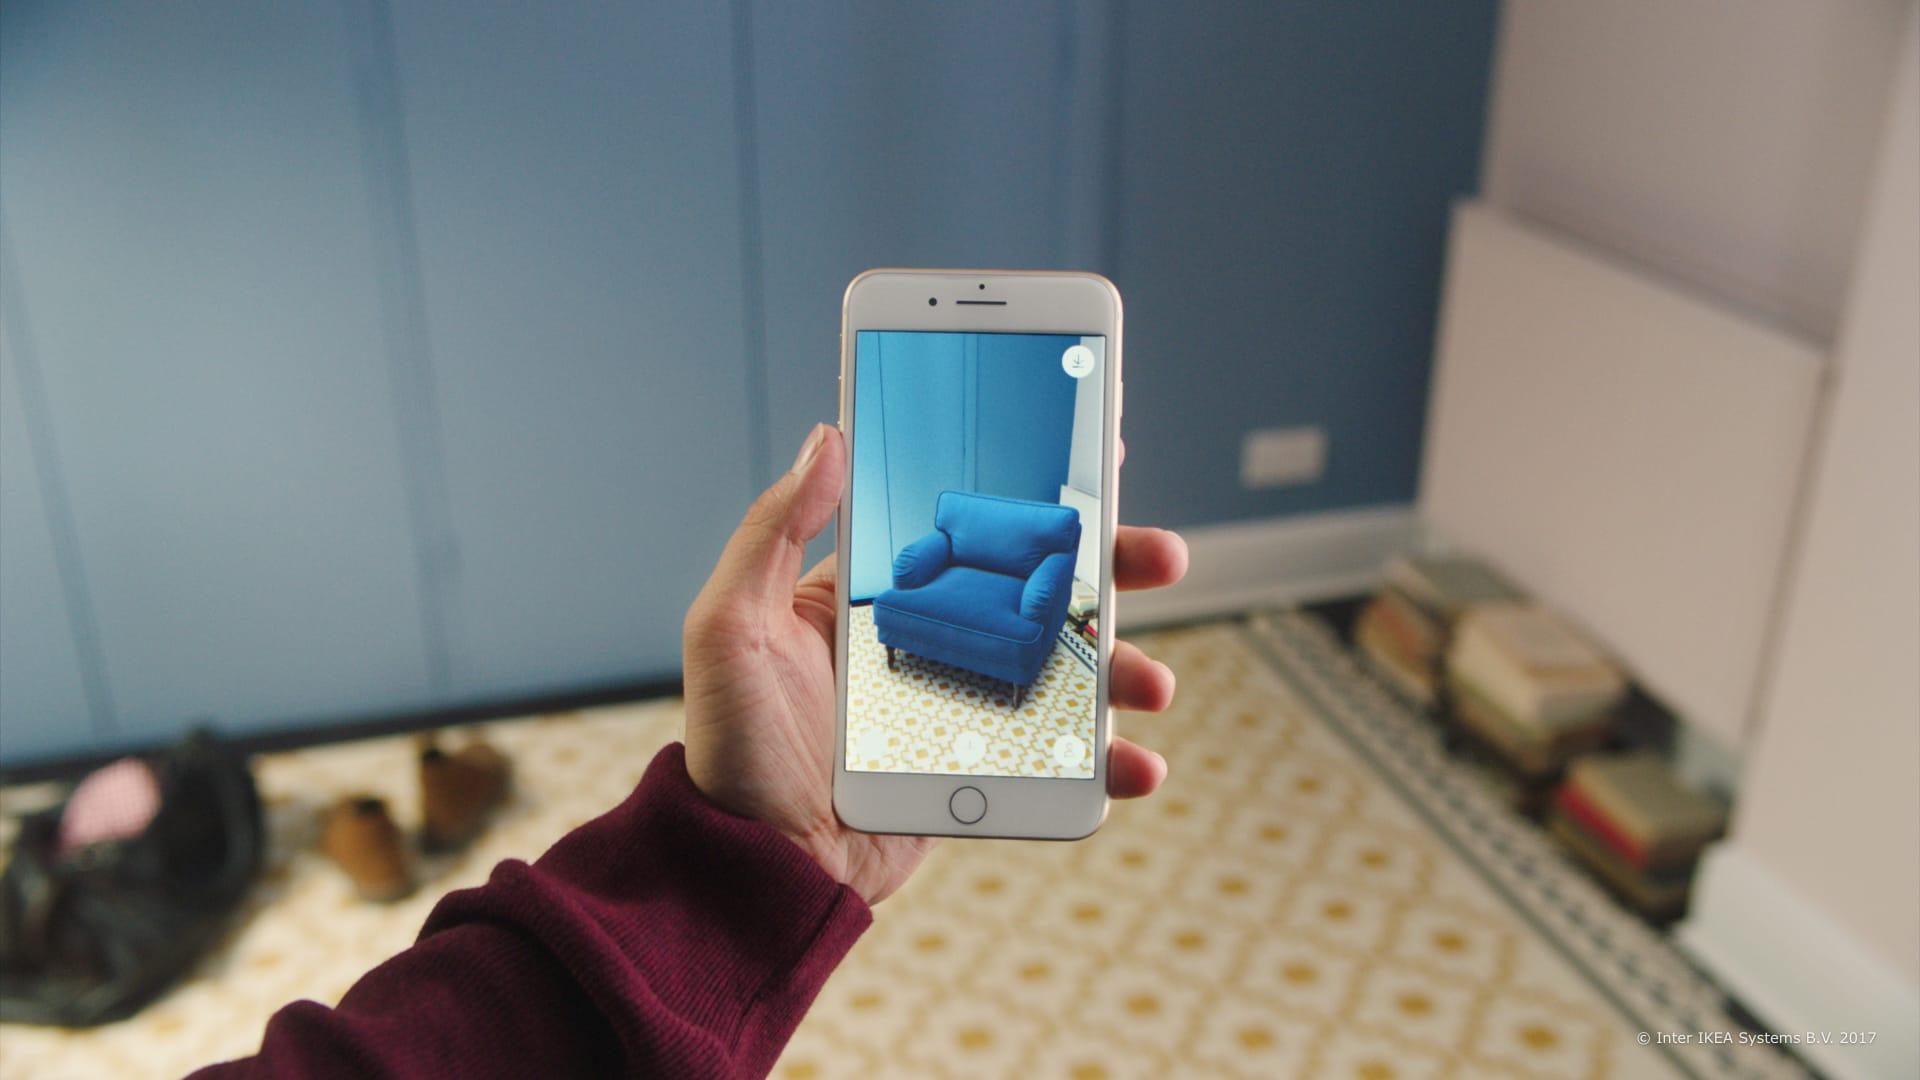 IKEA place ar app